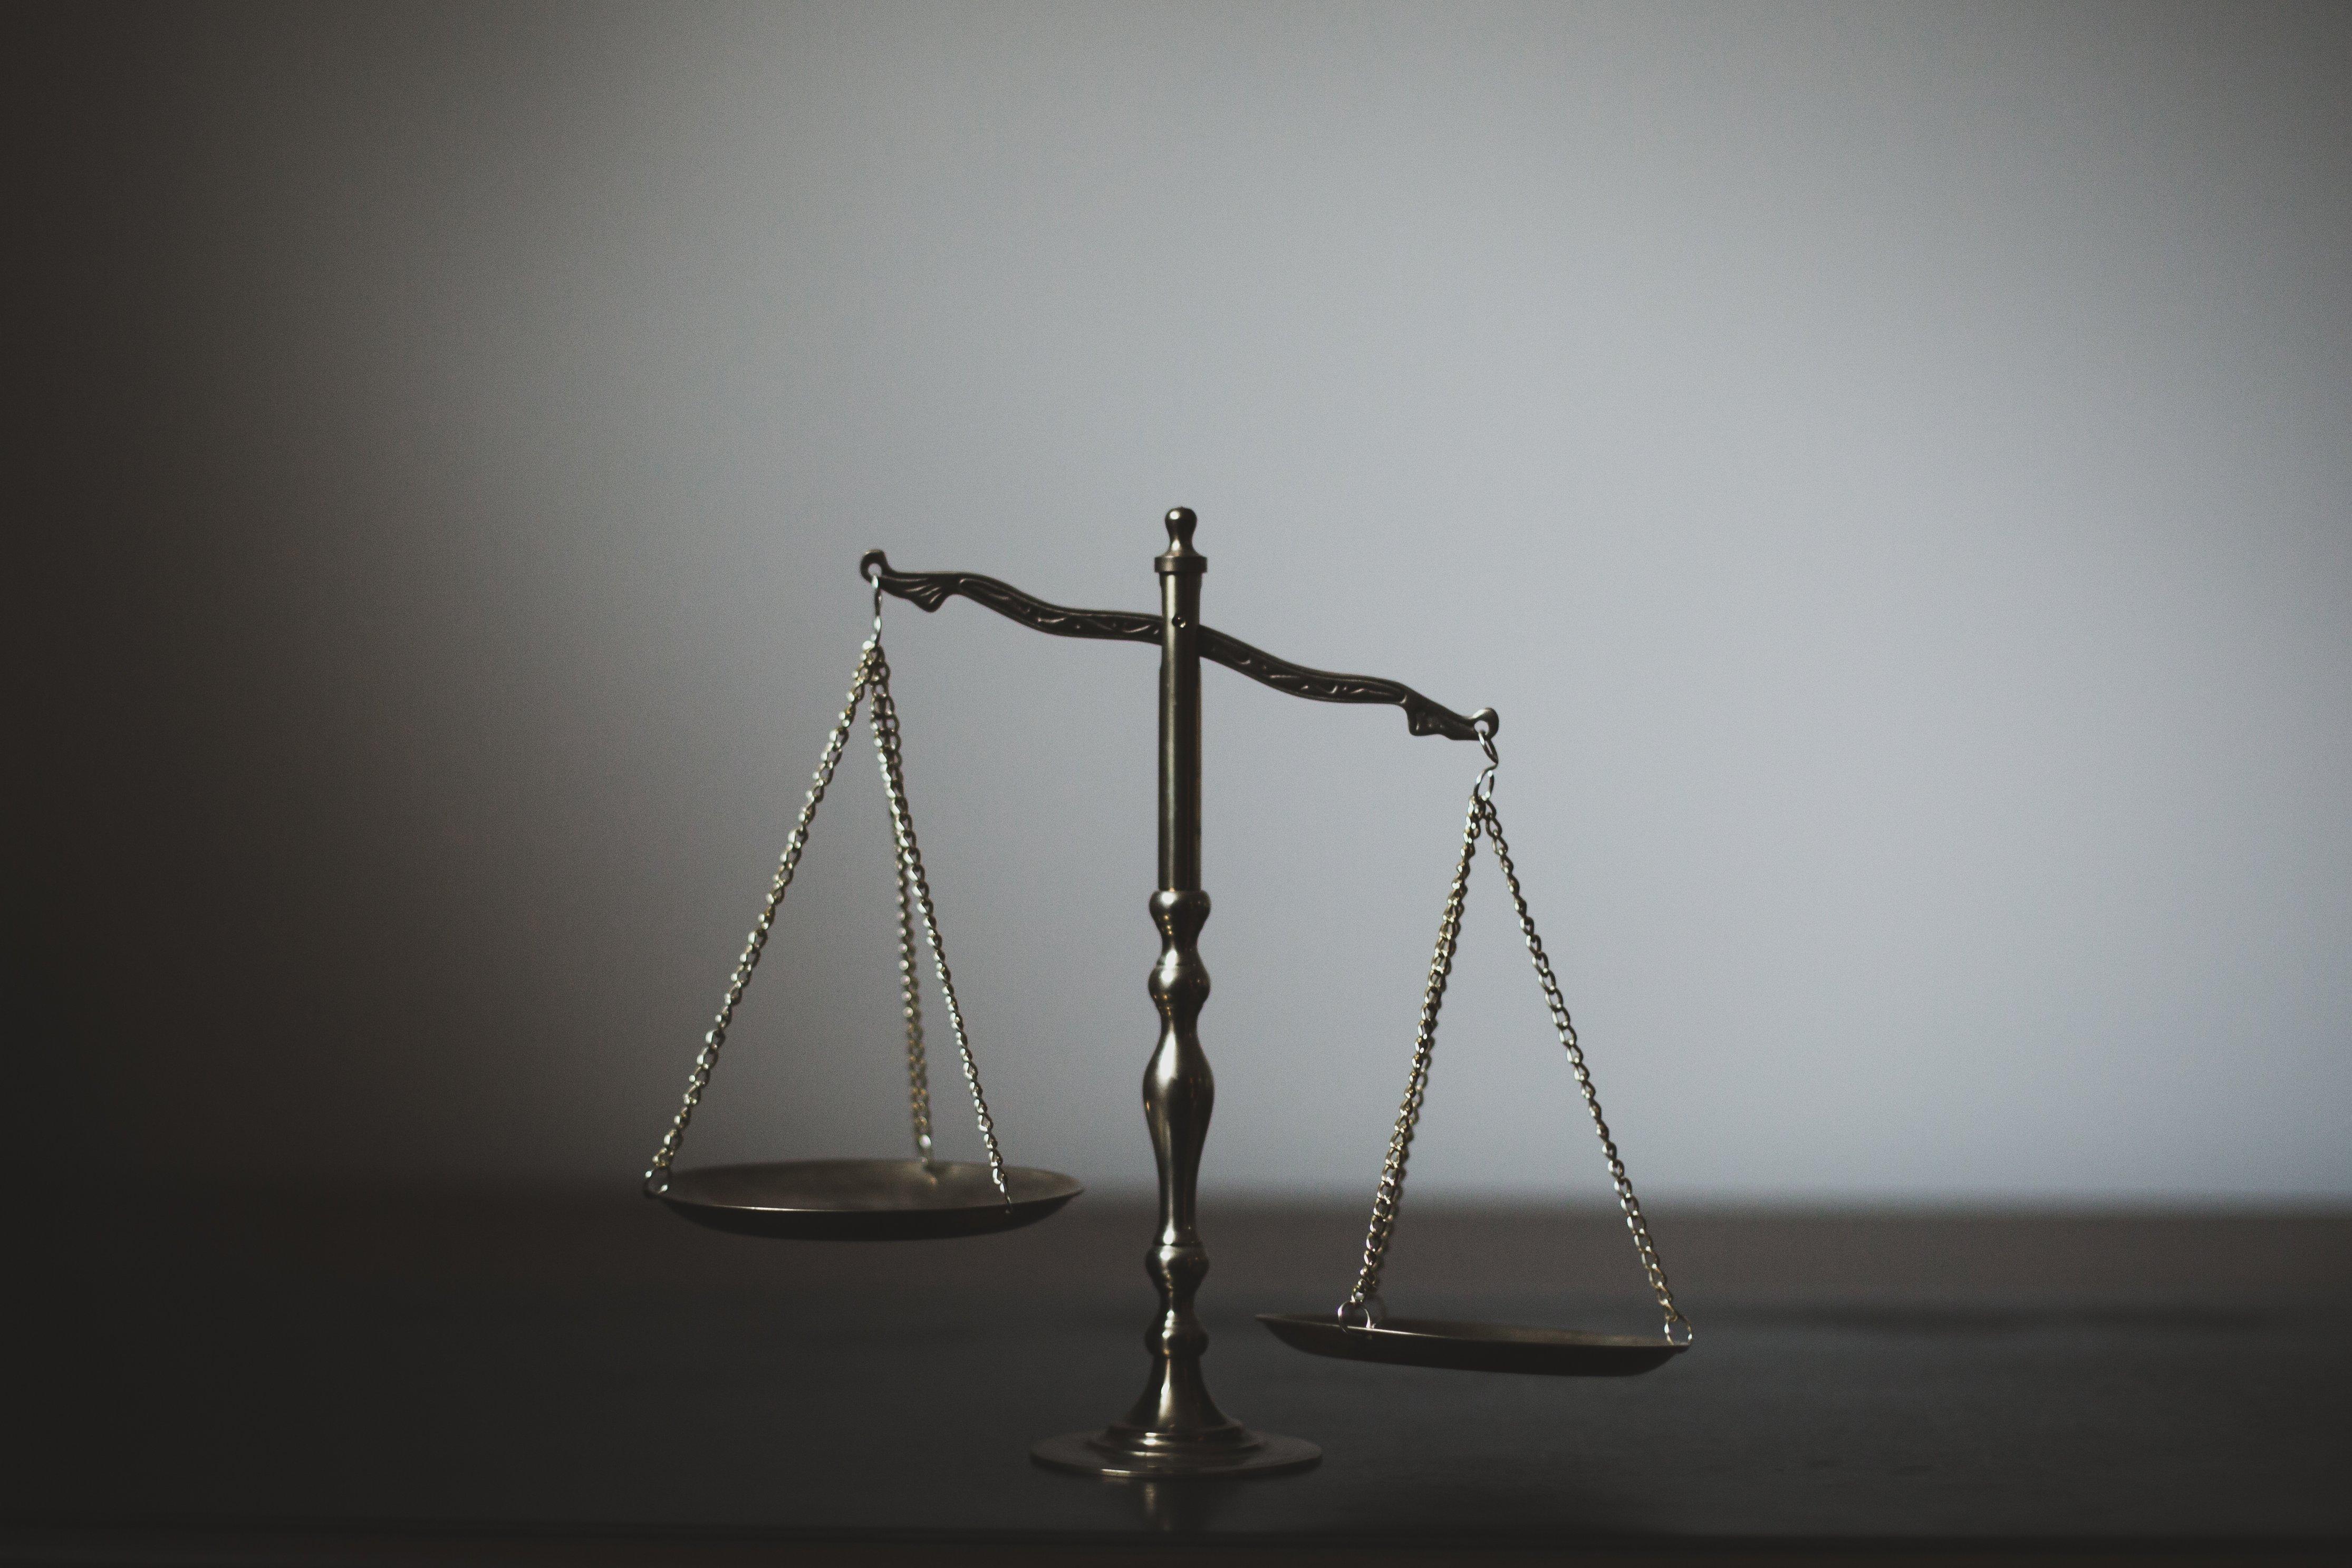 Est irrecevable une demande formée par une société dépourvue de personnalité juridique (Civ 2ème, 4 mars 2021, n°19-22.829)